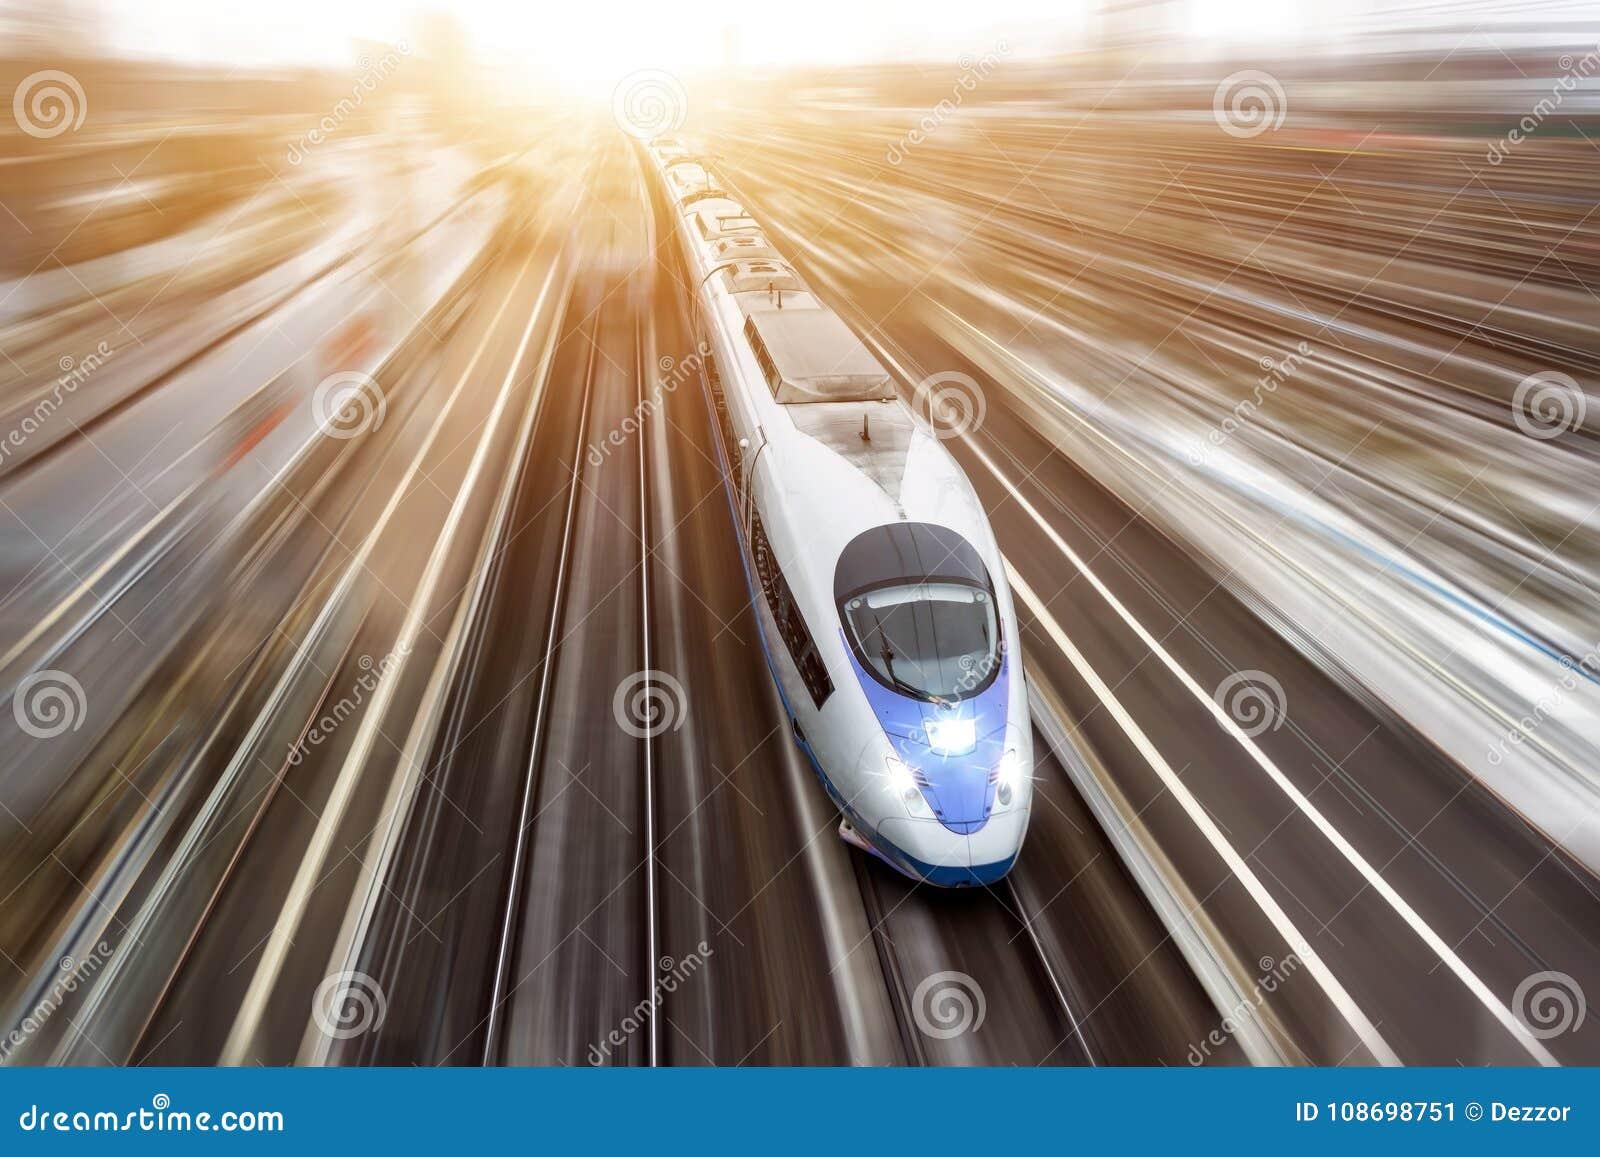 Высокоскоростные перемещения пассажирского поезда на высокой скорости Взгляд сверху с влиянием движения, смазанной предпосылкой